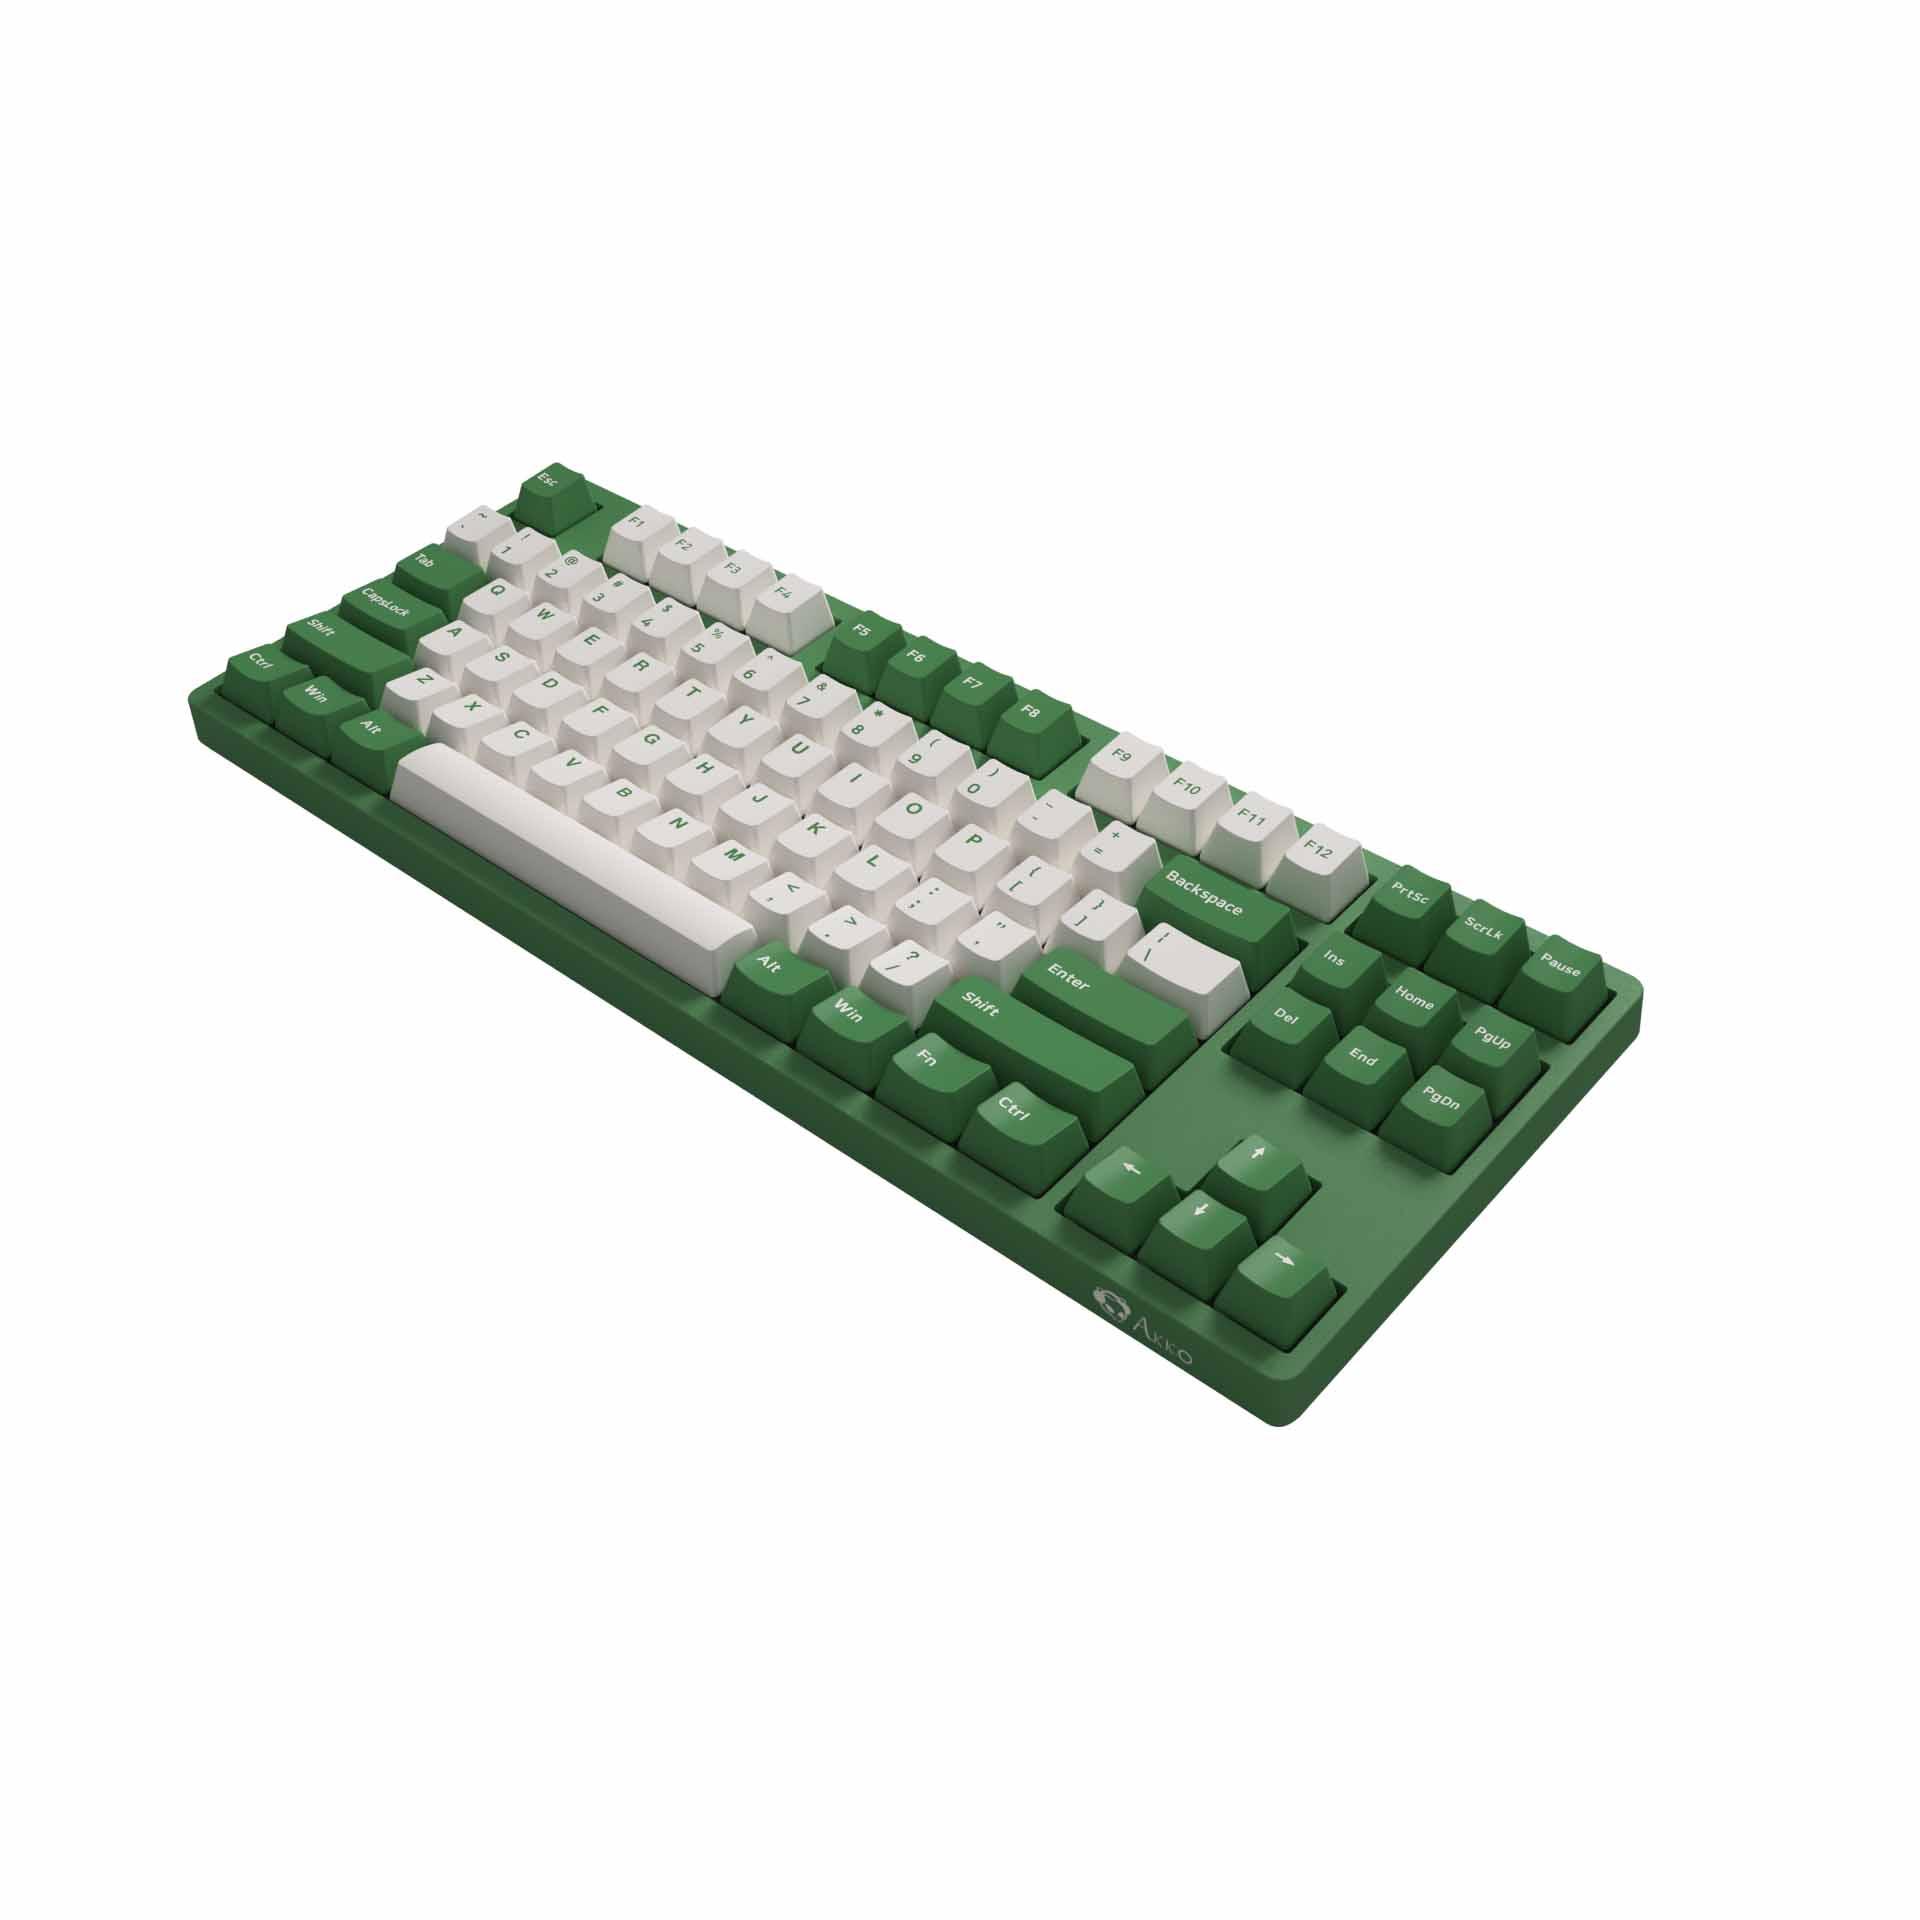 GEARVN.COM Bàn phím cơ AKKO 3087 v2 DS Matcha Red Bean (Akko switch v2)